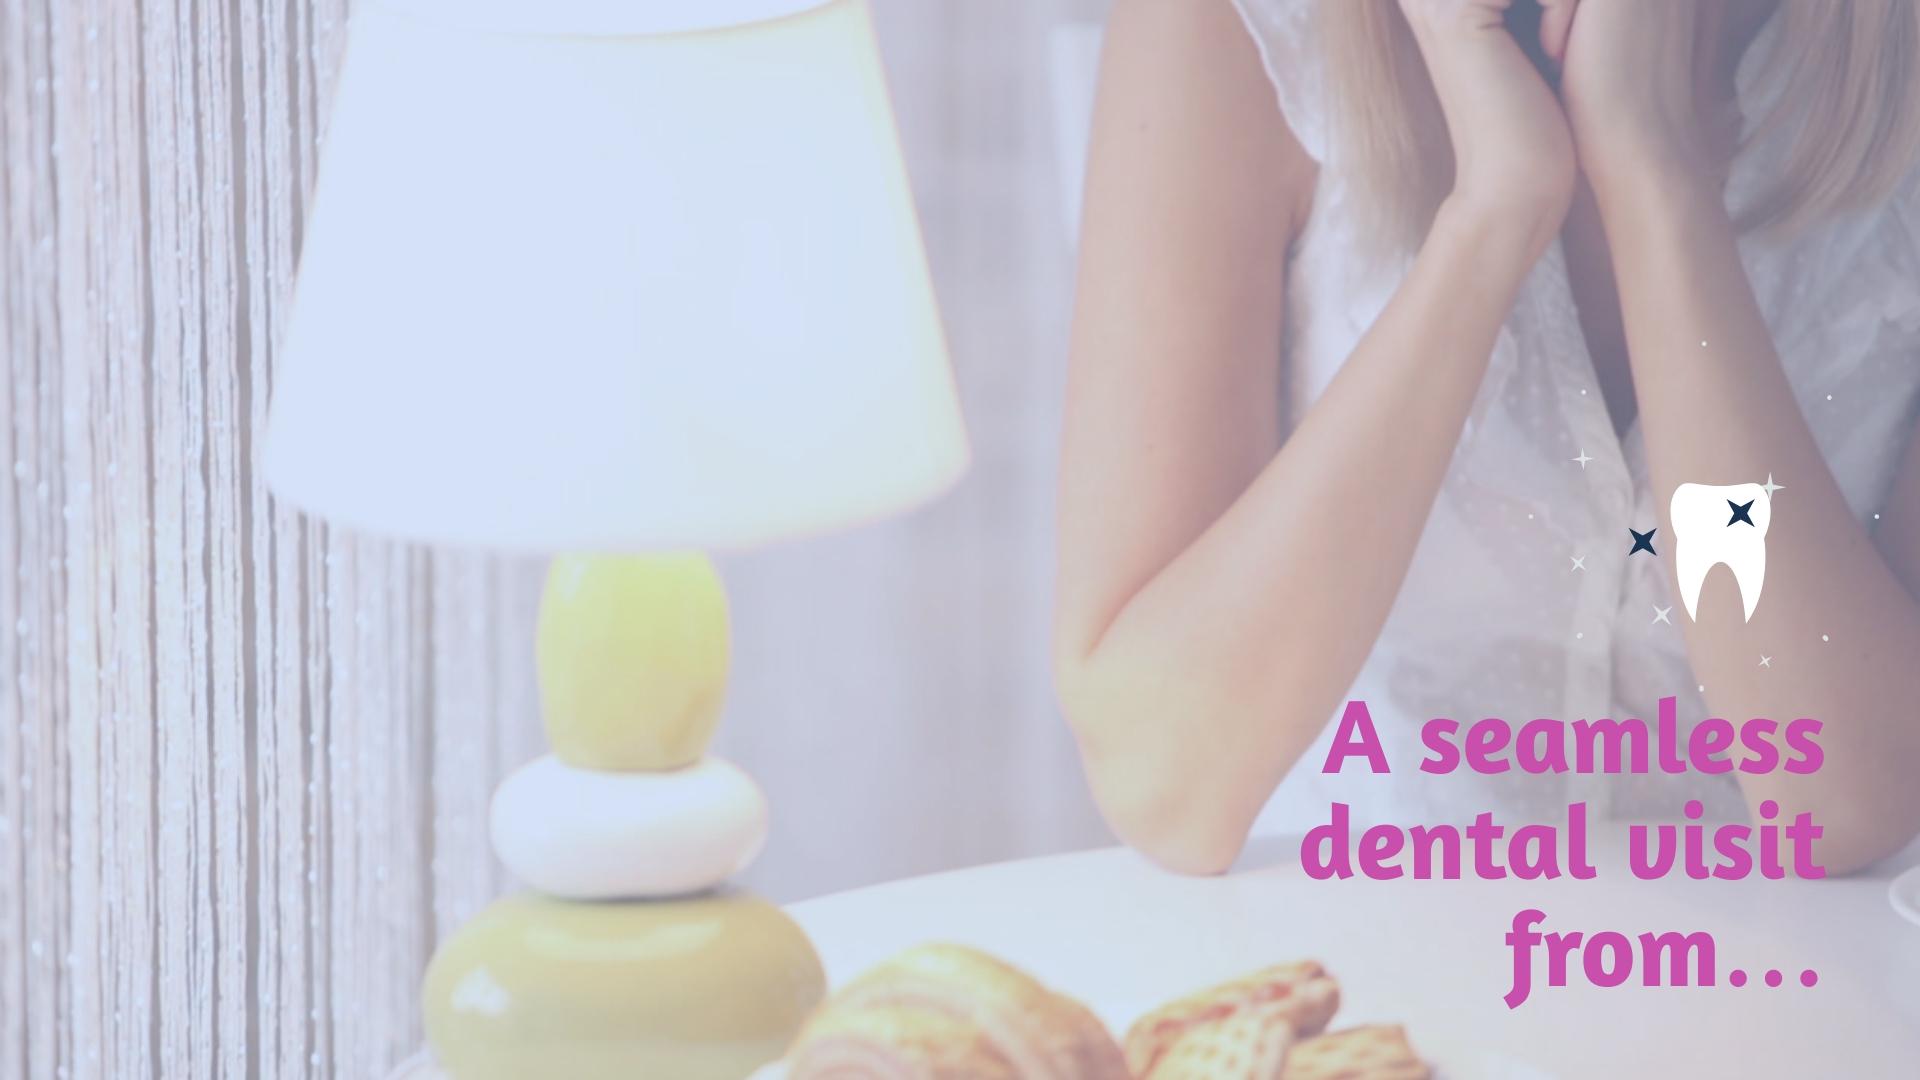 Dentist - Promo Ad Template